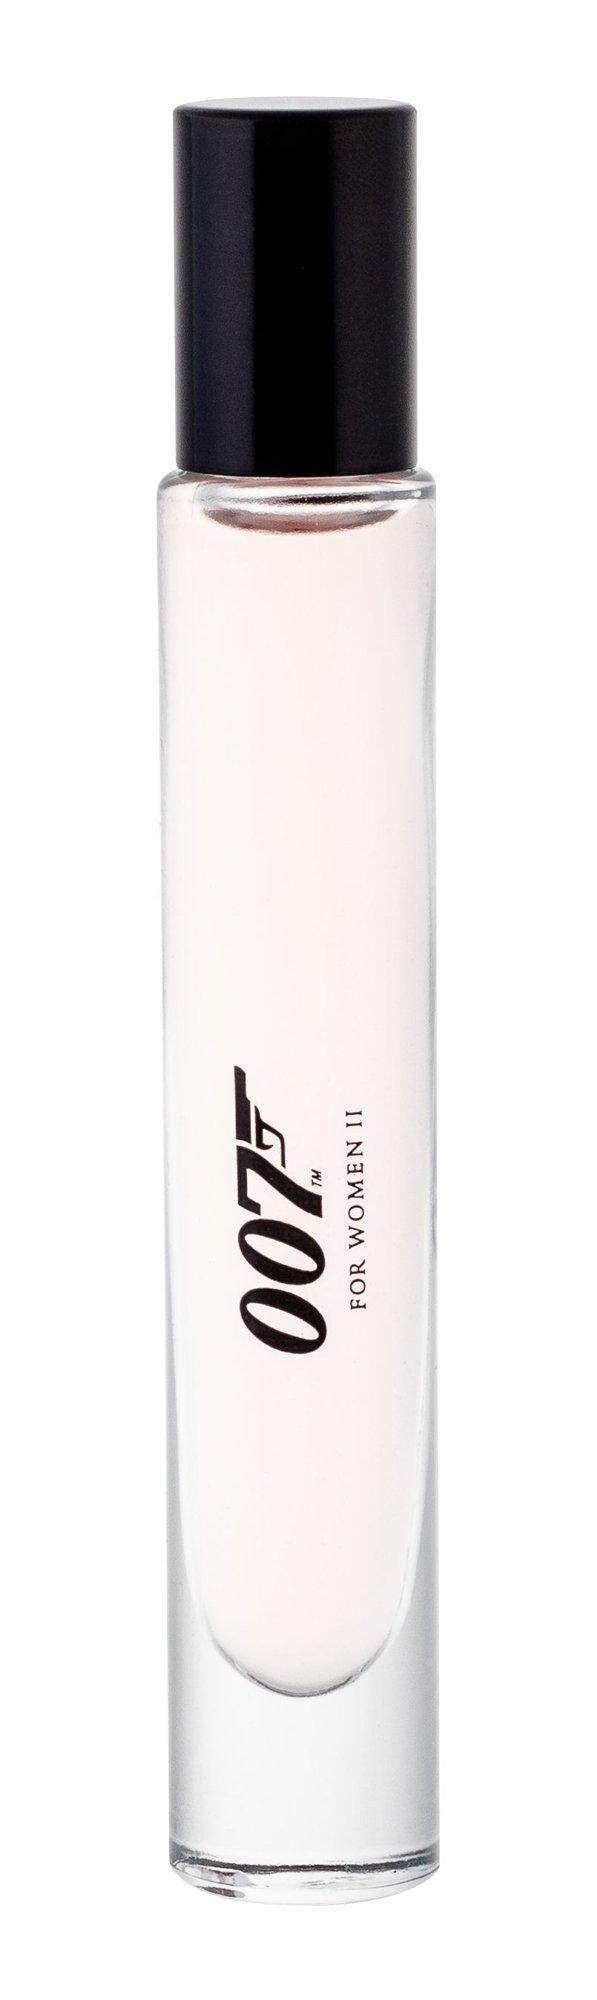 James Bond 007 James Bond 007 Eau de Parfum 7,4ml